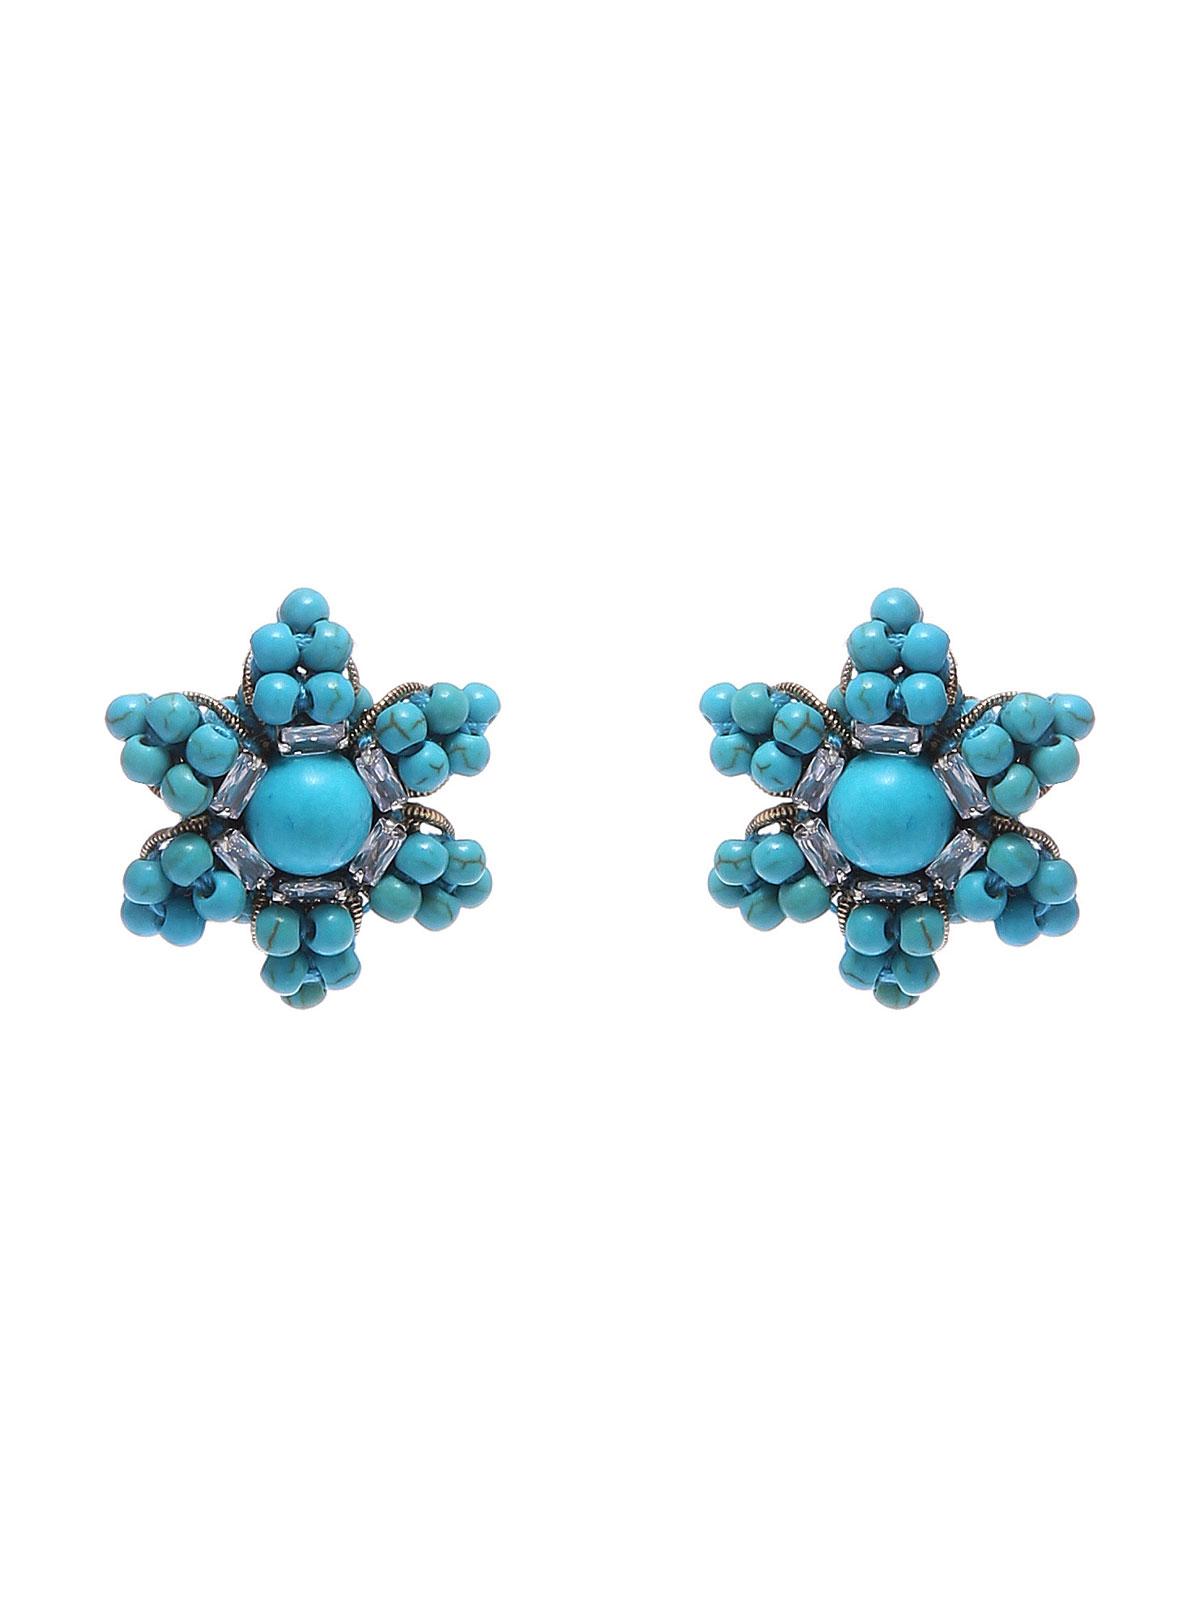 Orecchini floreali con perline in vetro